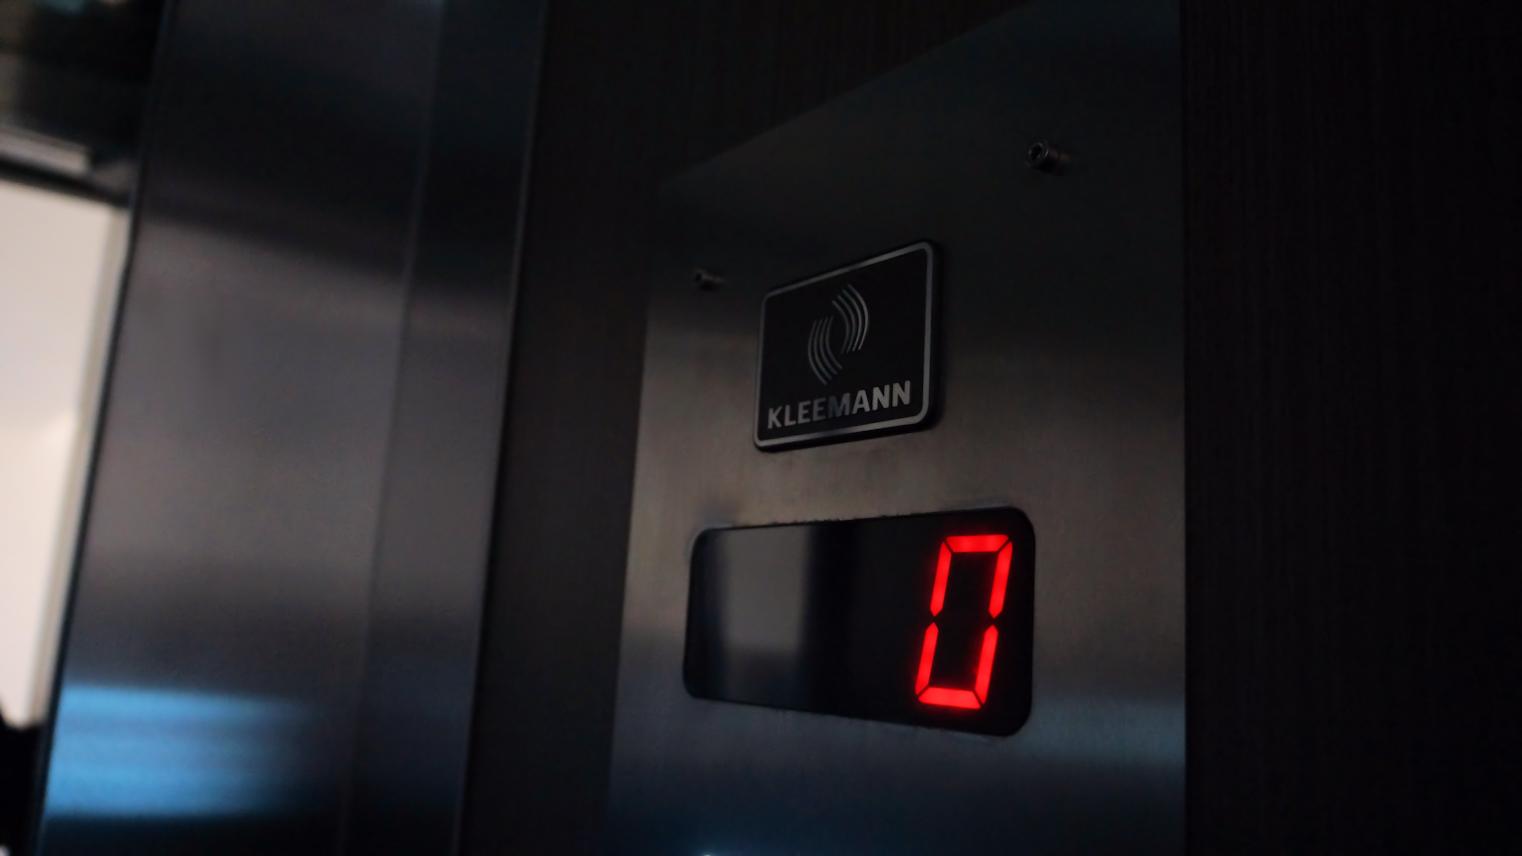 ανελκυστηρες ασανσερ kleemann hellas υδραυλικος ανελκυστηρας (9)